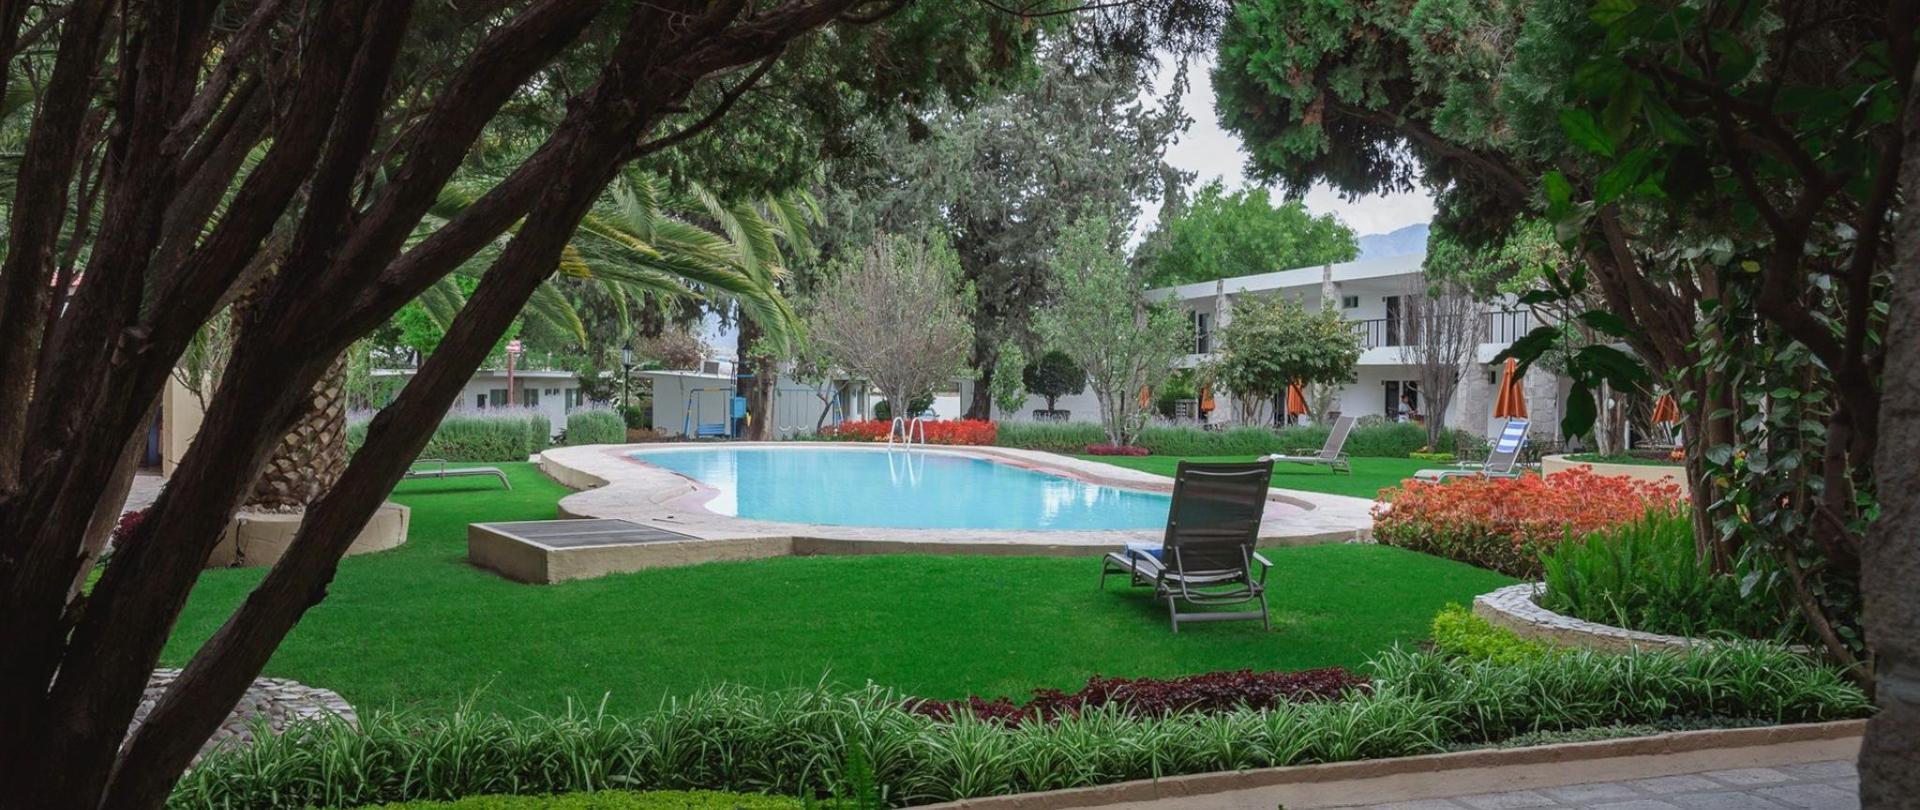 Hoteles Río, Tequisquiapan, Querétaro, México.jpg